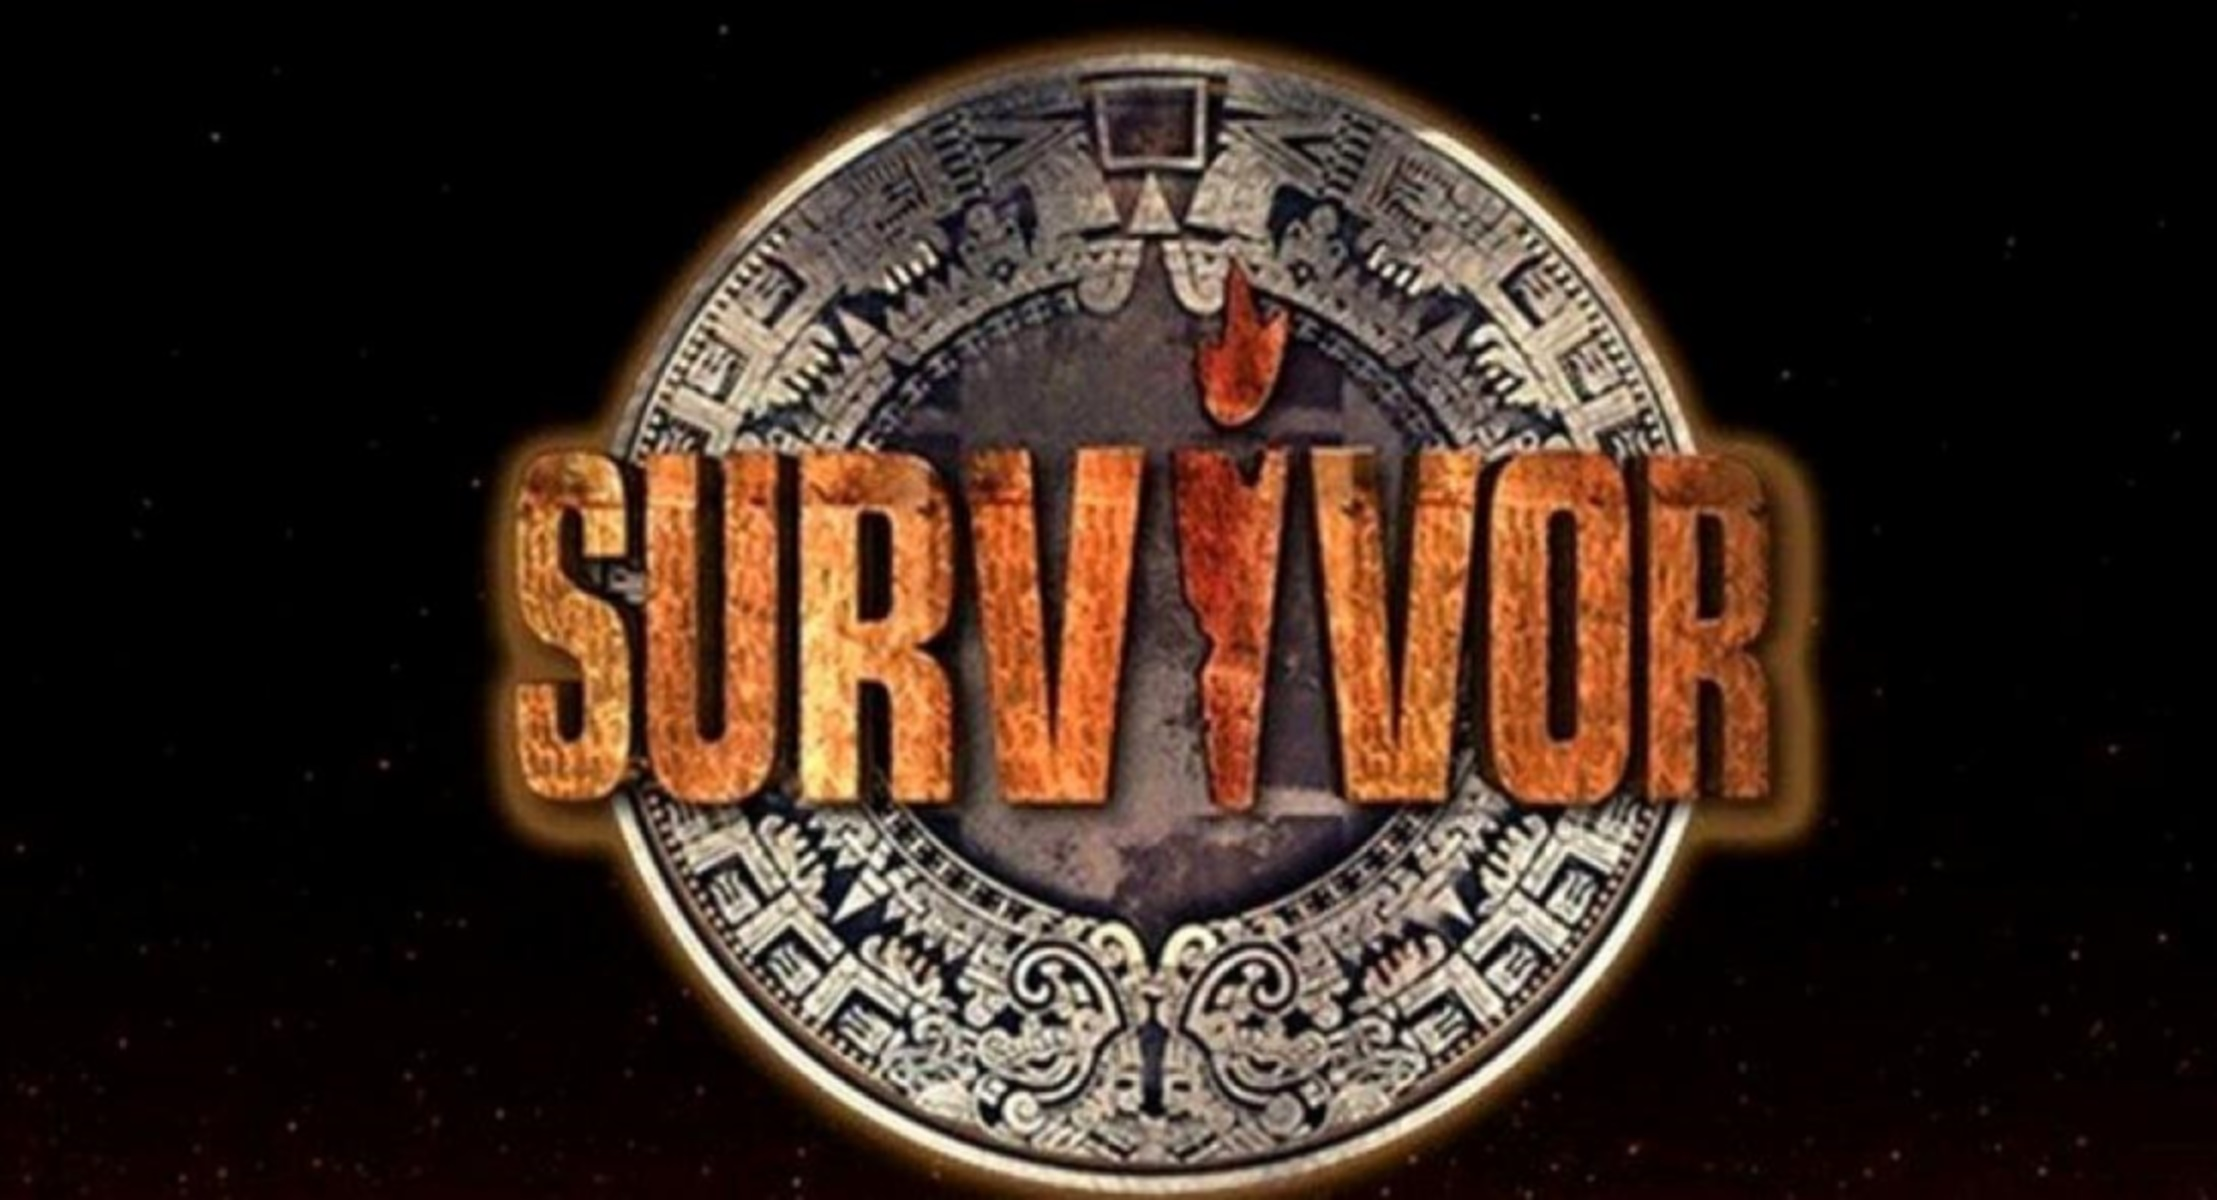 Πρώην παίκτης του Survivor σε ταινία με την Χρύσα Ρώπα